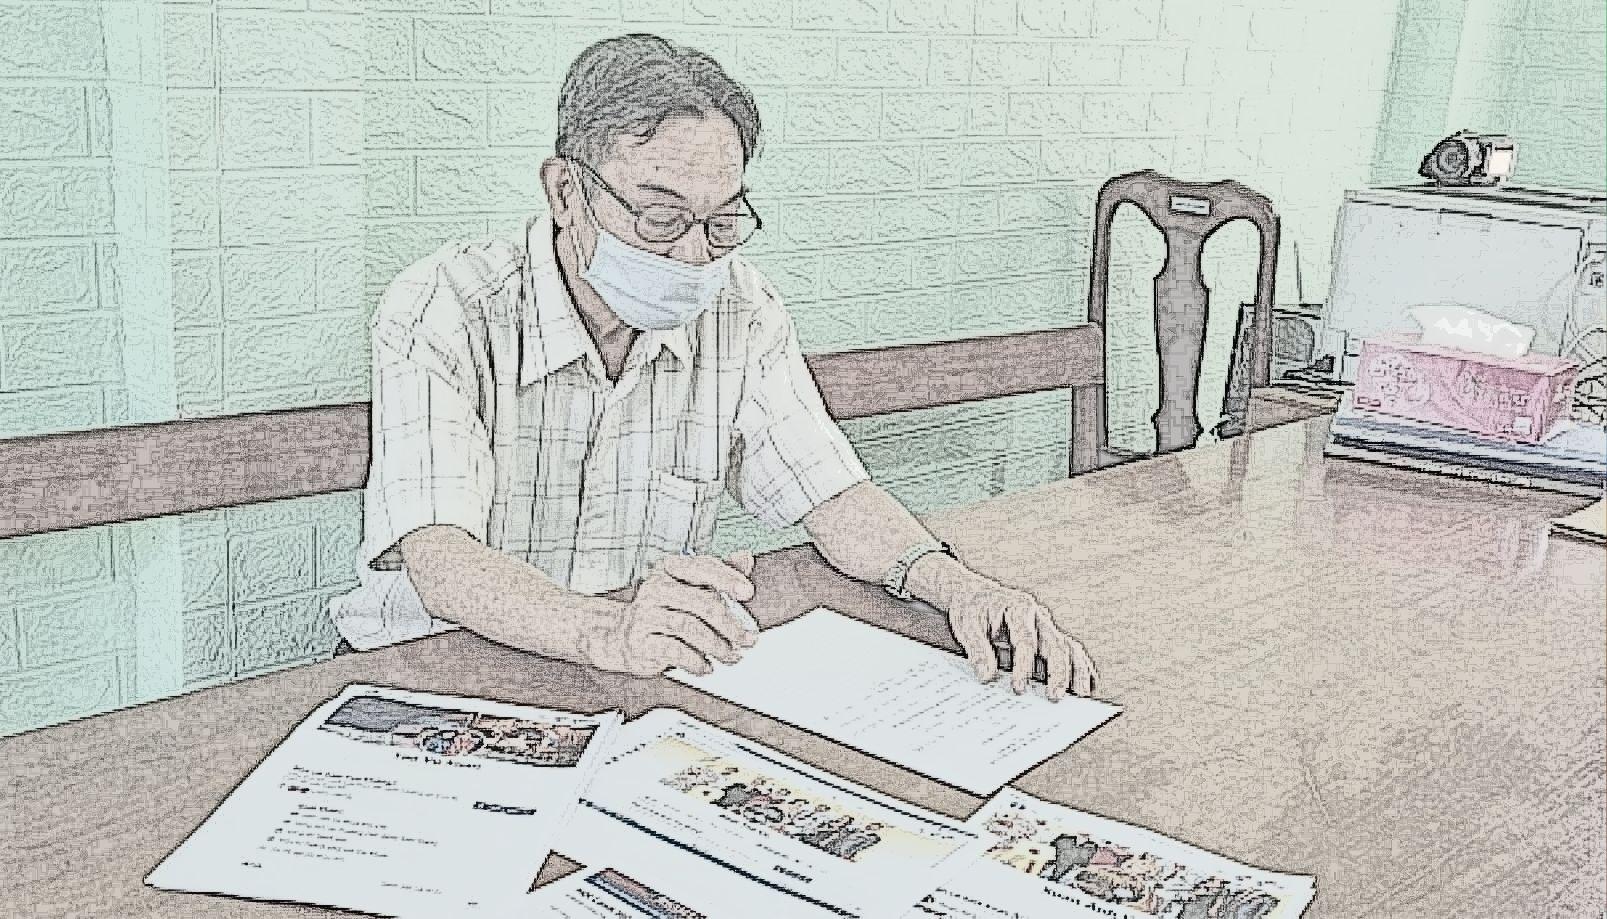 Người đàn ông 63 tuổi cùng hình ảnh chụp các bài viết, chia sẻ sai sự thật